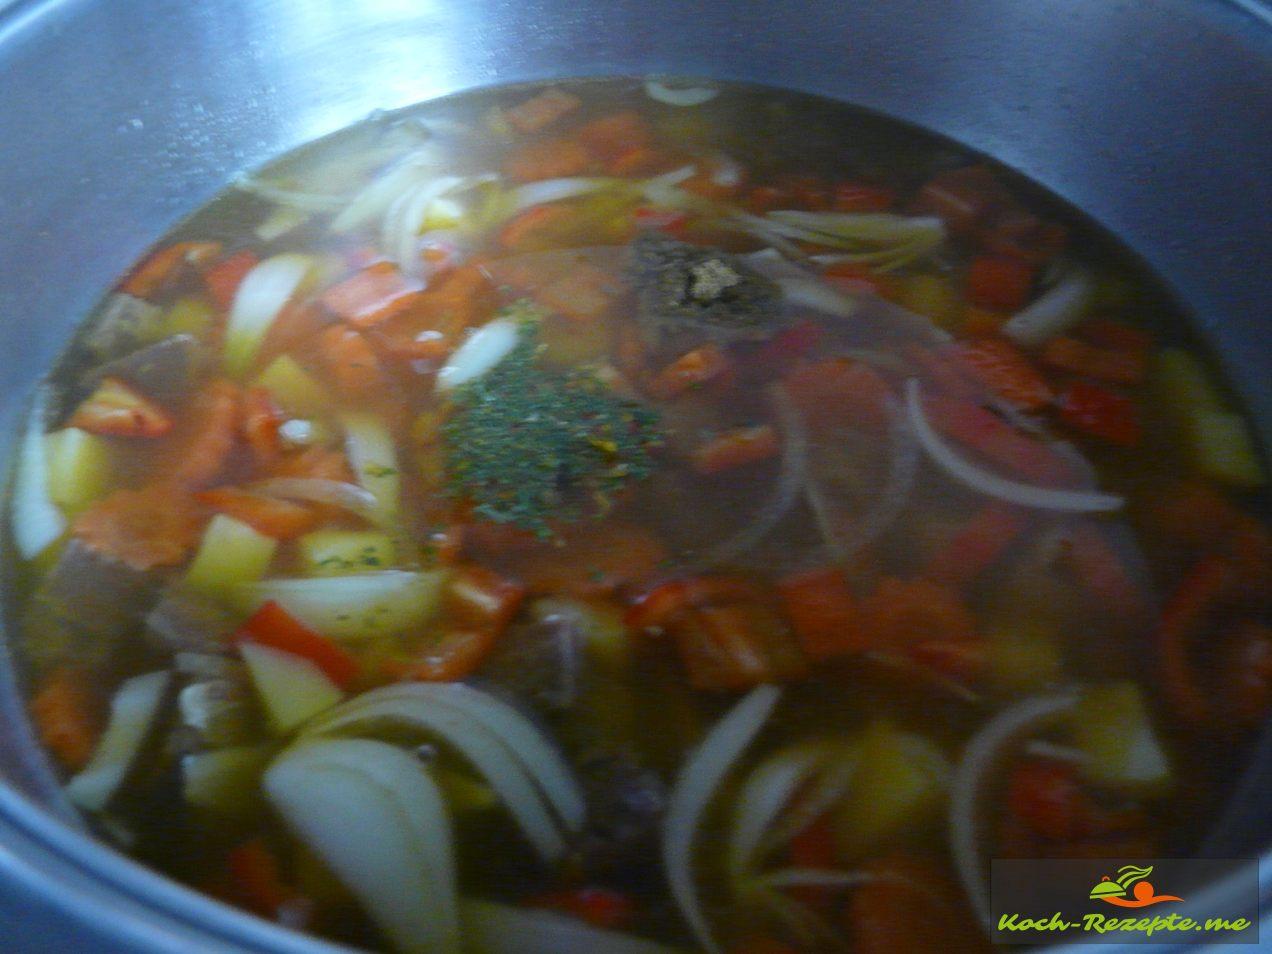 Suppe ansetzen mit Fleischwürfel, gepresster Knoblauch,Kartoffelwürfel und Möhrenscheiben, Kreuzkümmel,Sambal Olek und Chili  8-10 Minuten kochen